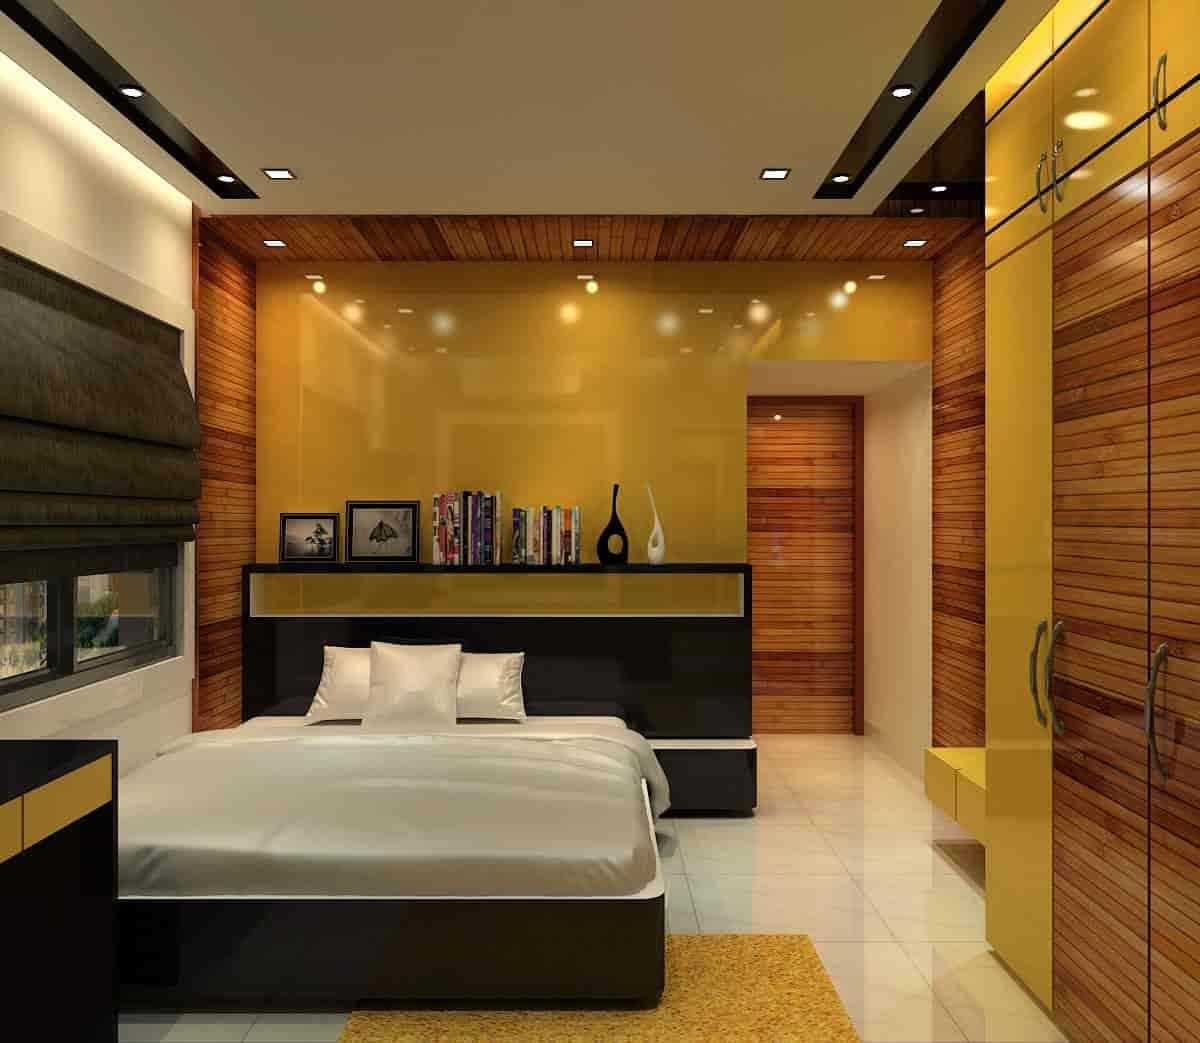 Top 100 Interior Decorators In Kolkata Best Home Interiors Justdial